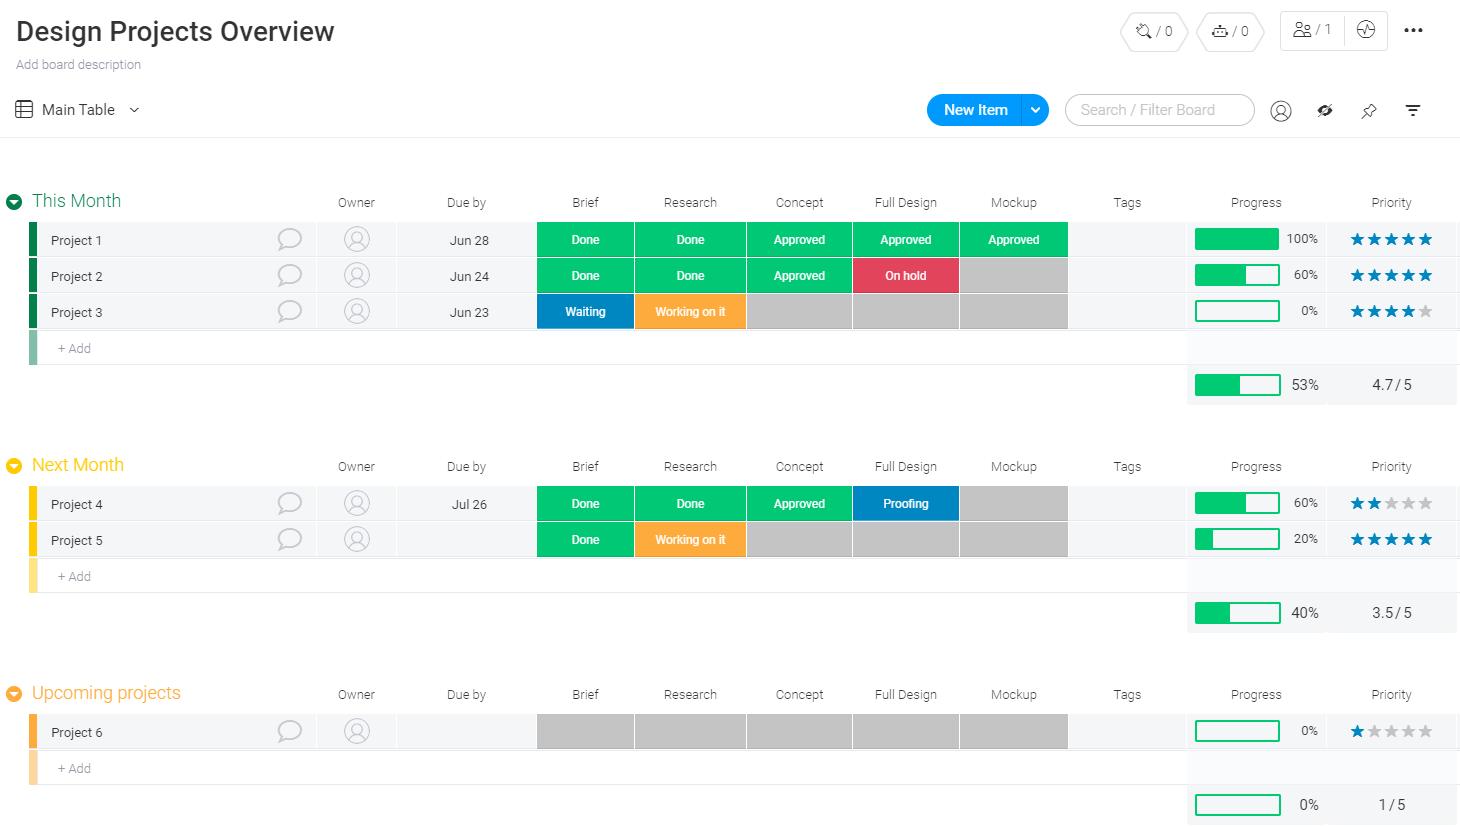 Design tasks overview template